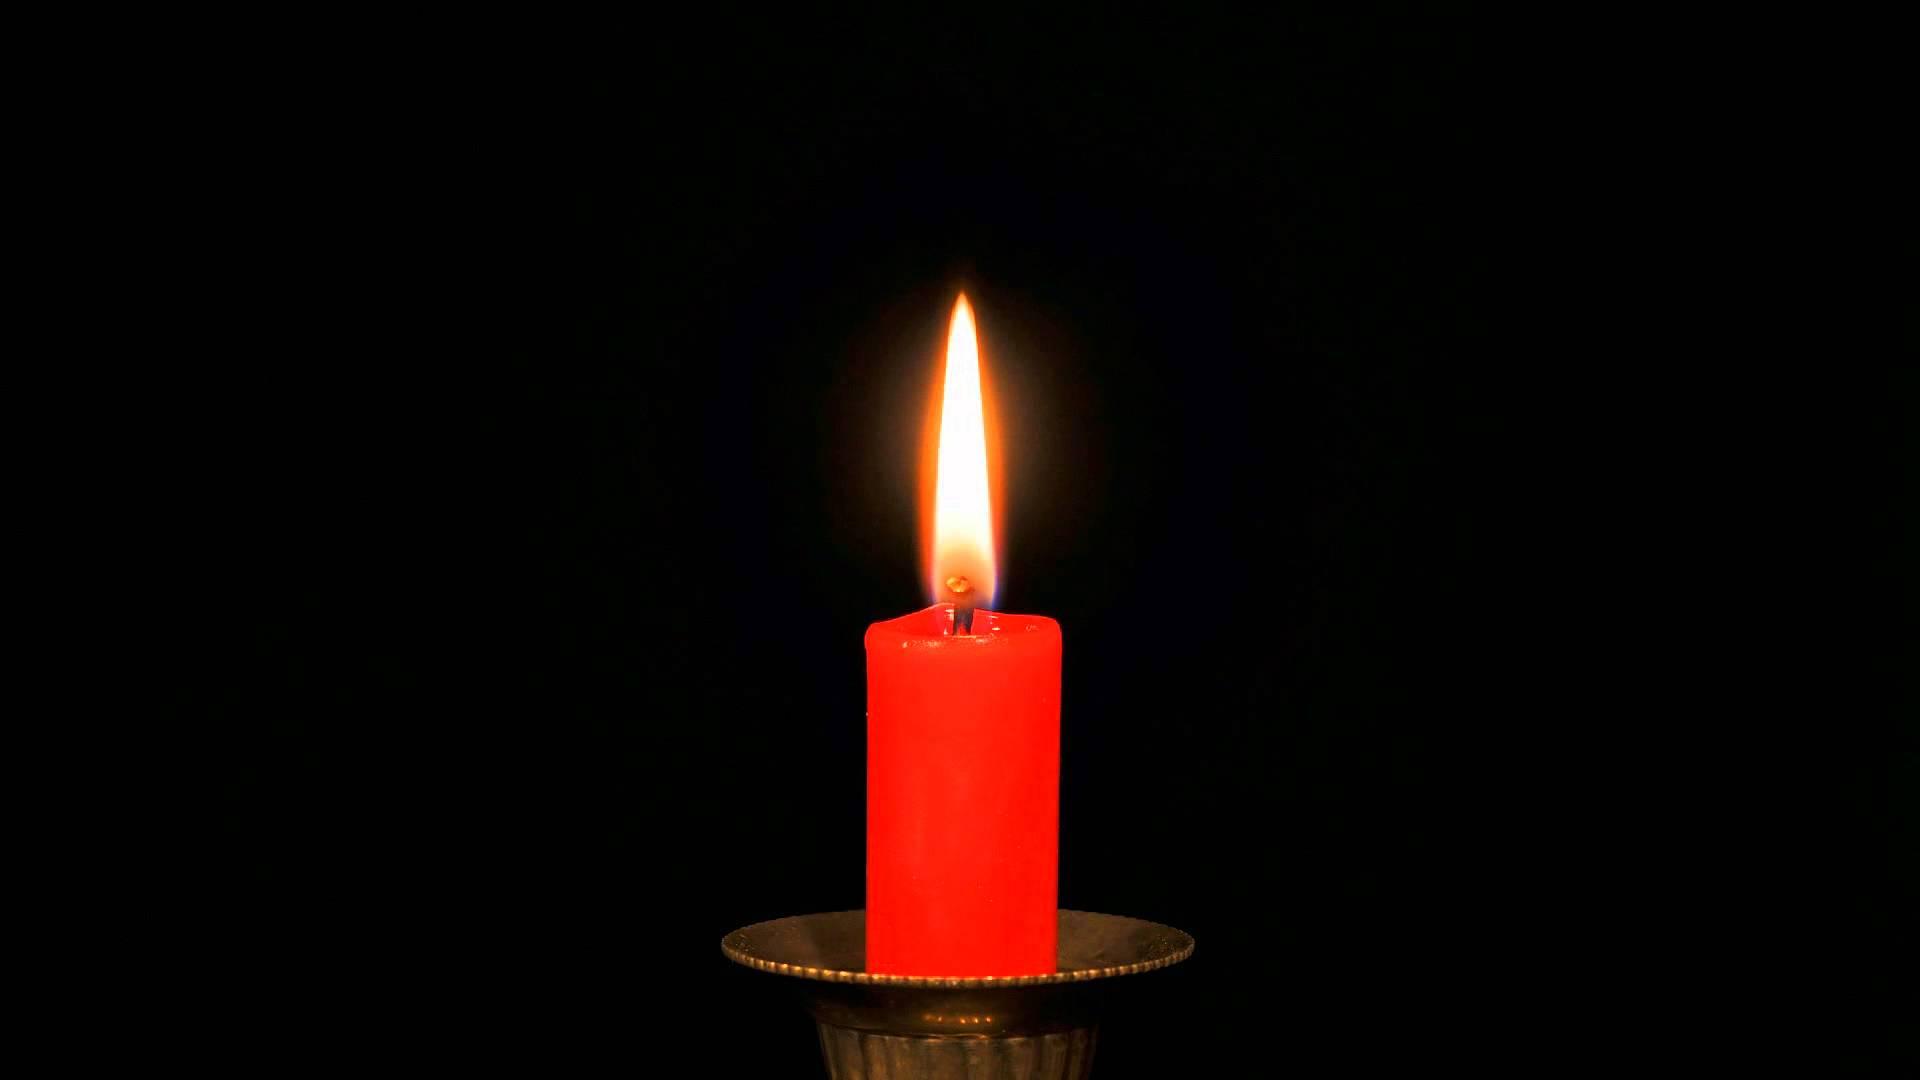 Burning candle, time-lapse - YouTube